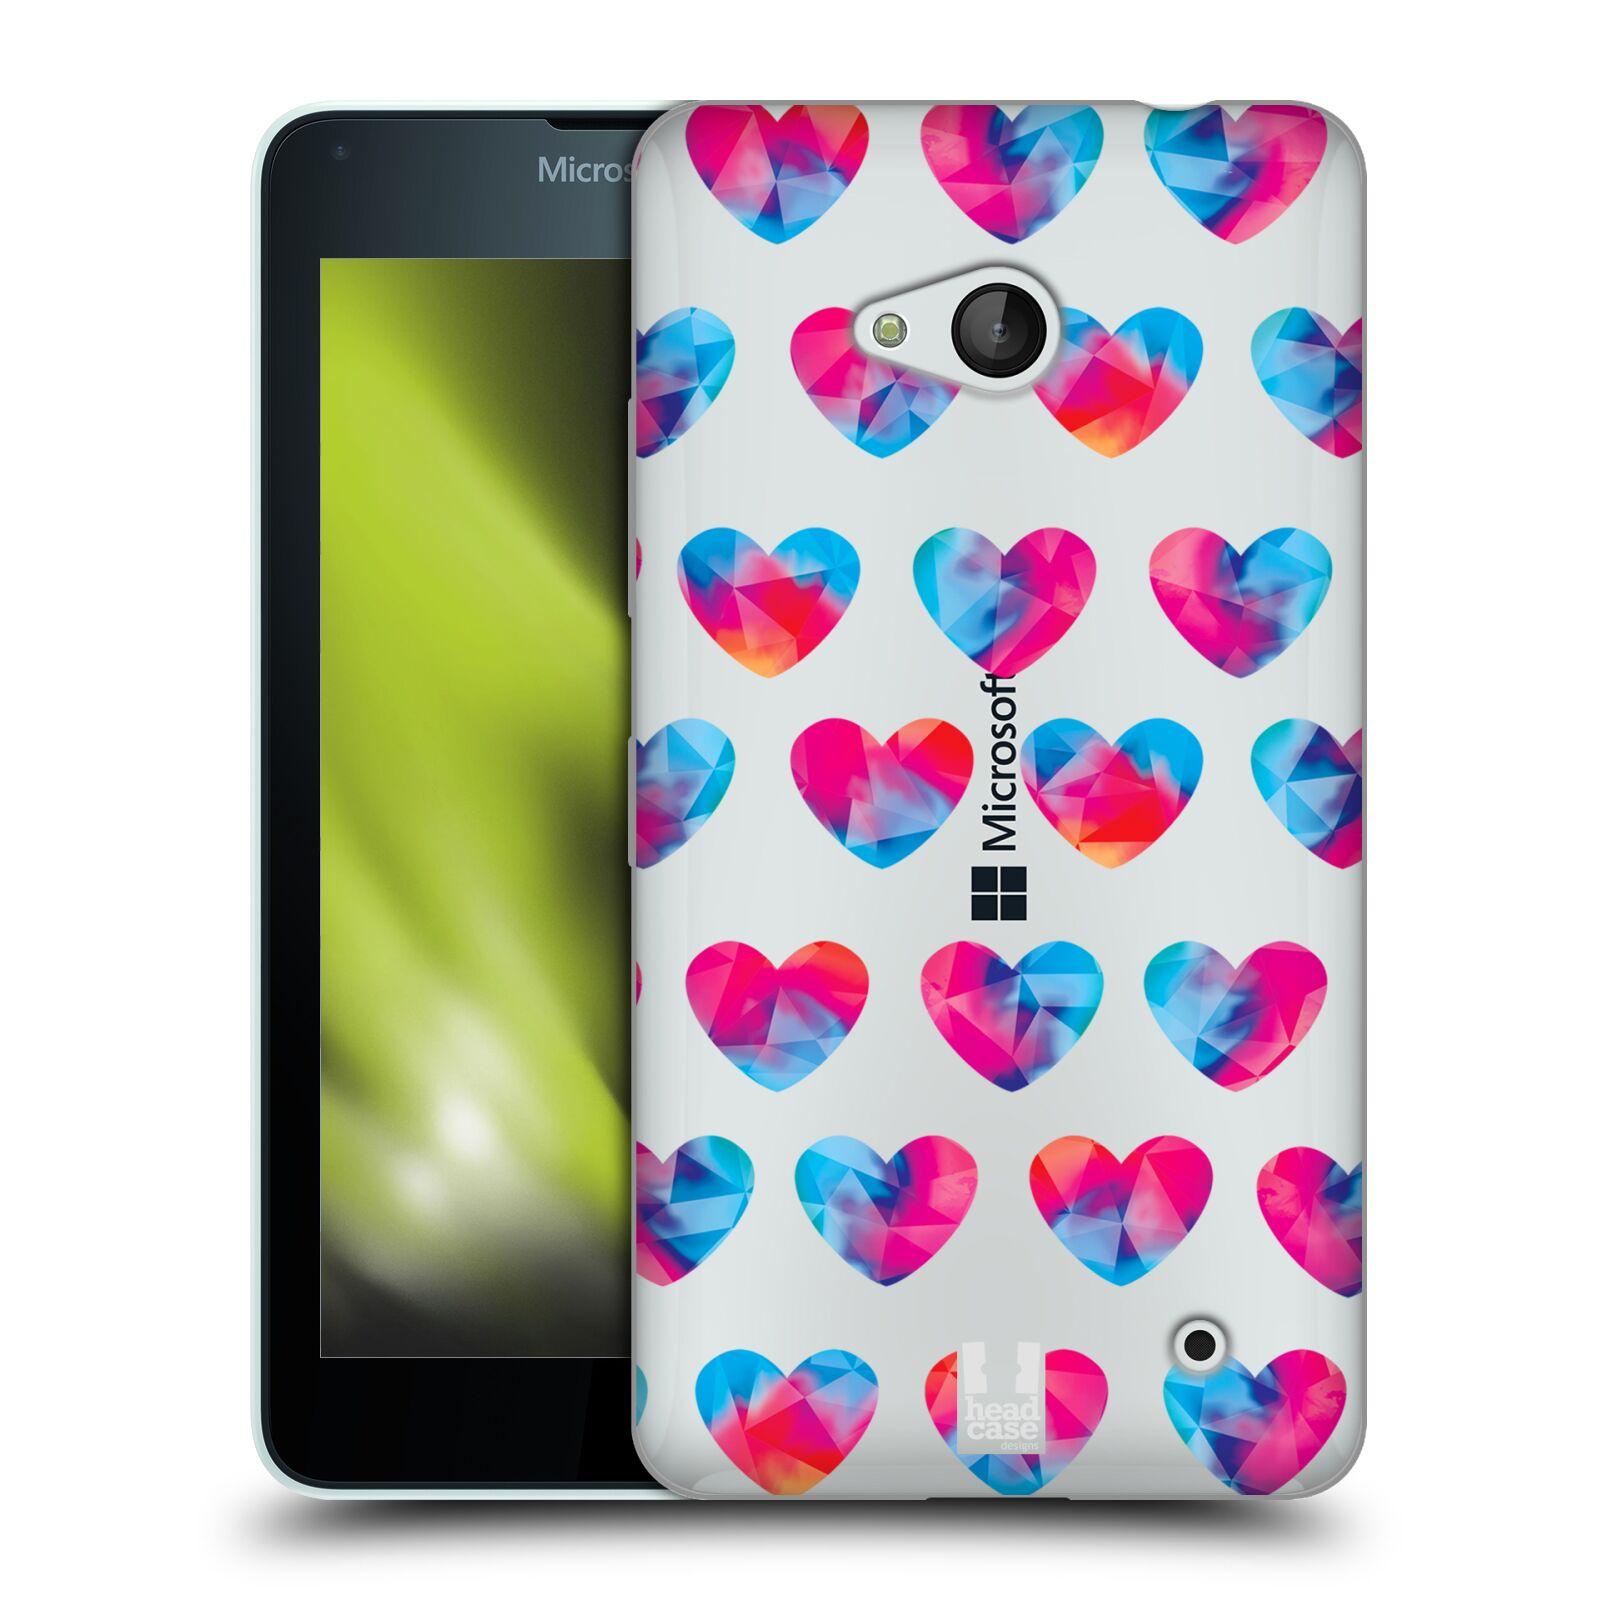 Silikonové pouzdro na mobil Microsoft Lumia 640 - Head Case - Srdíčka hrající barvami